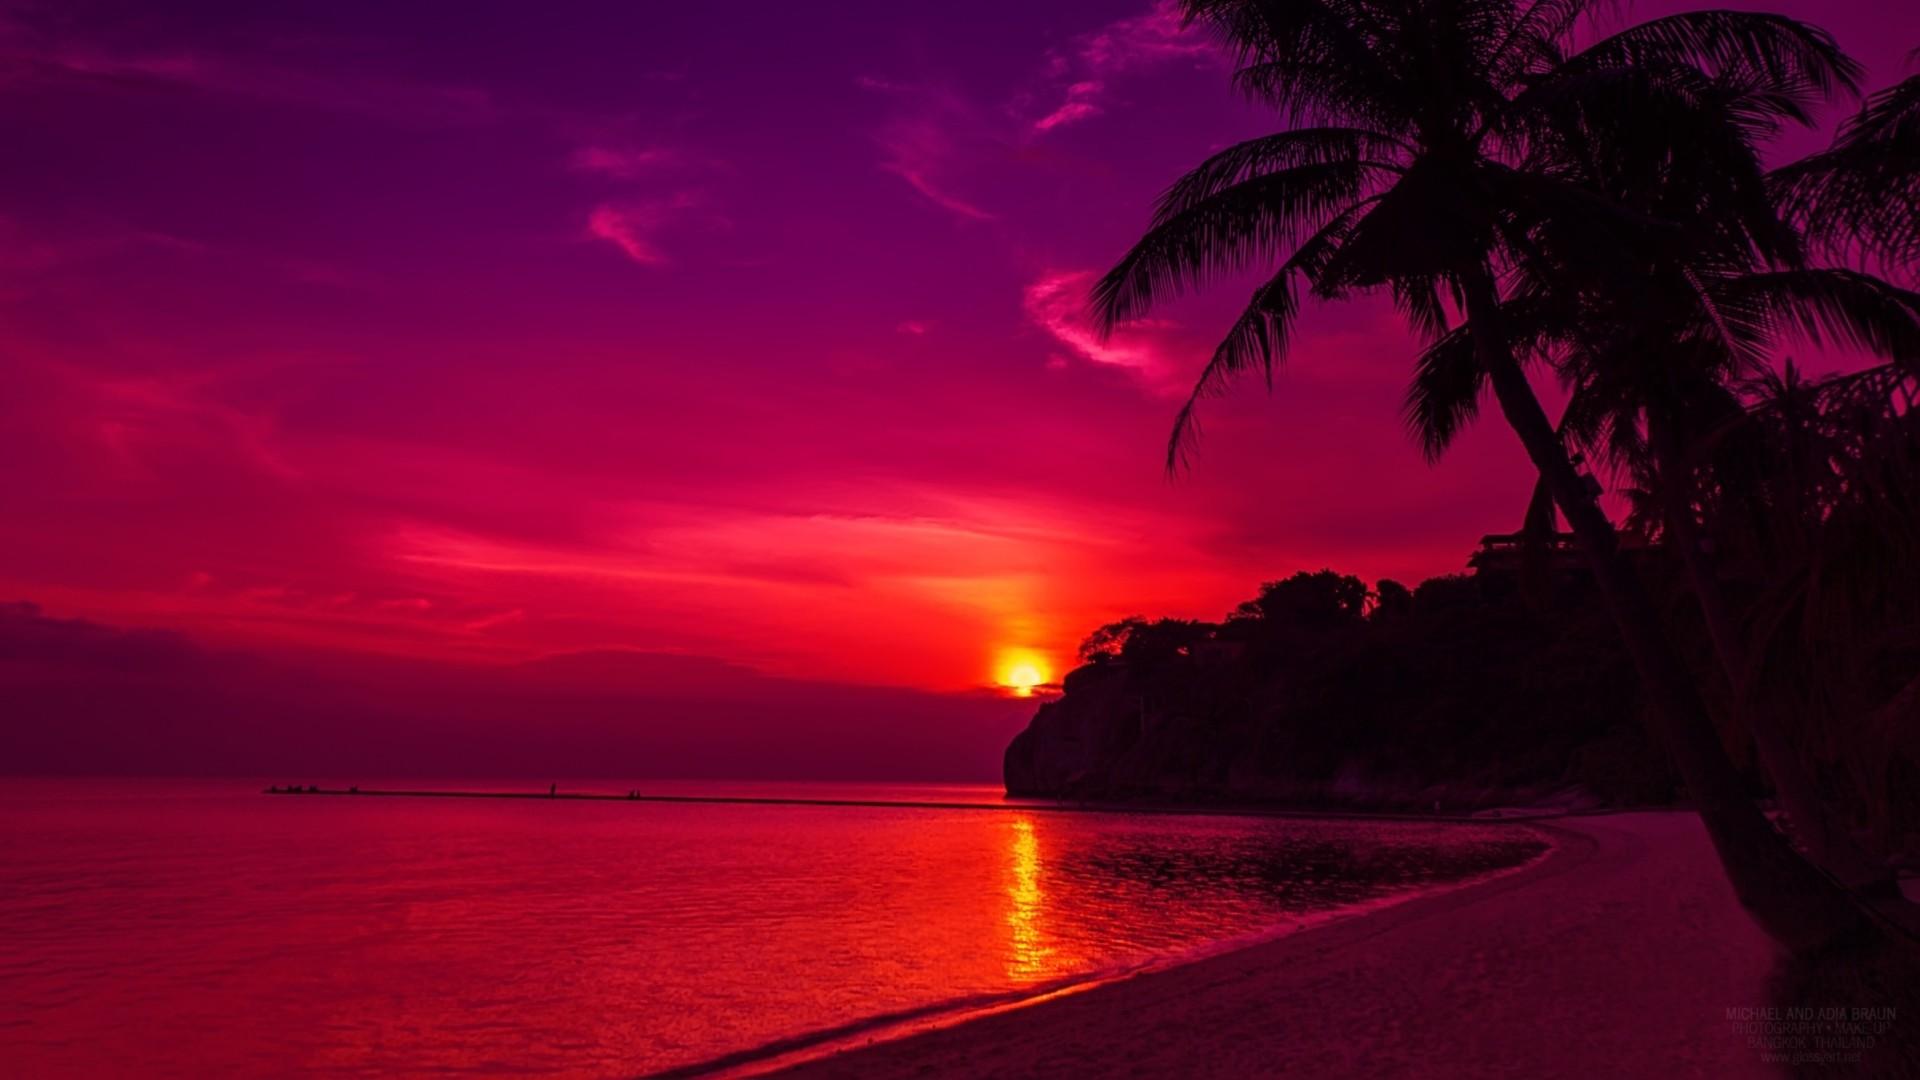 Sfondi romantici 55 immagini for Sfondi desktop tramonti mare